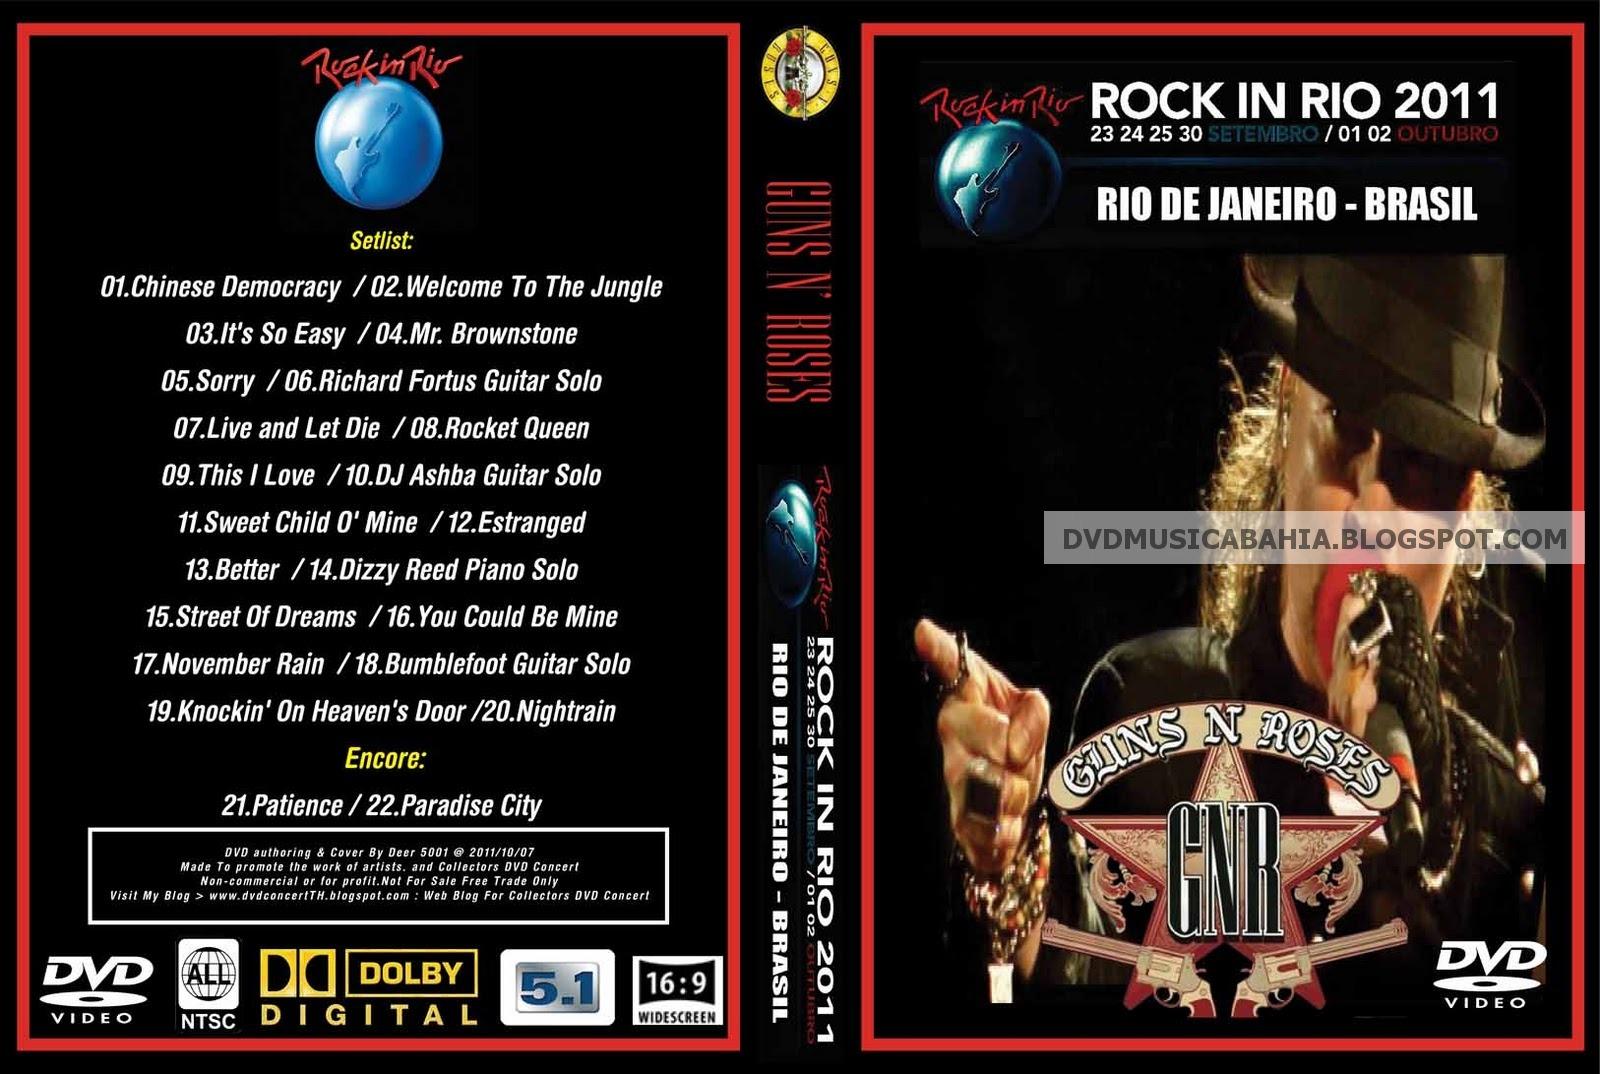 http://2.bp.blogspot.com/-6ykSHb7QQKU/UFKArMqtJTI/AAAAAAAACT8/rjAVpnWRUBY/s1600/Guns+N+Roses+-+Rock+in+Rio+2011.jpg